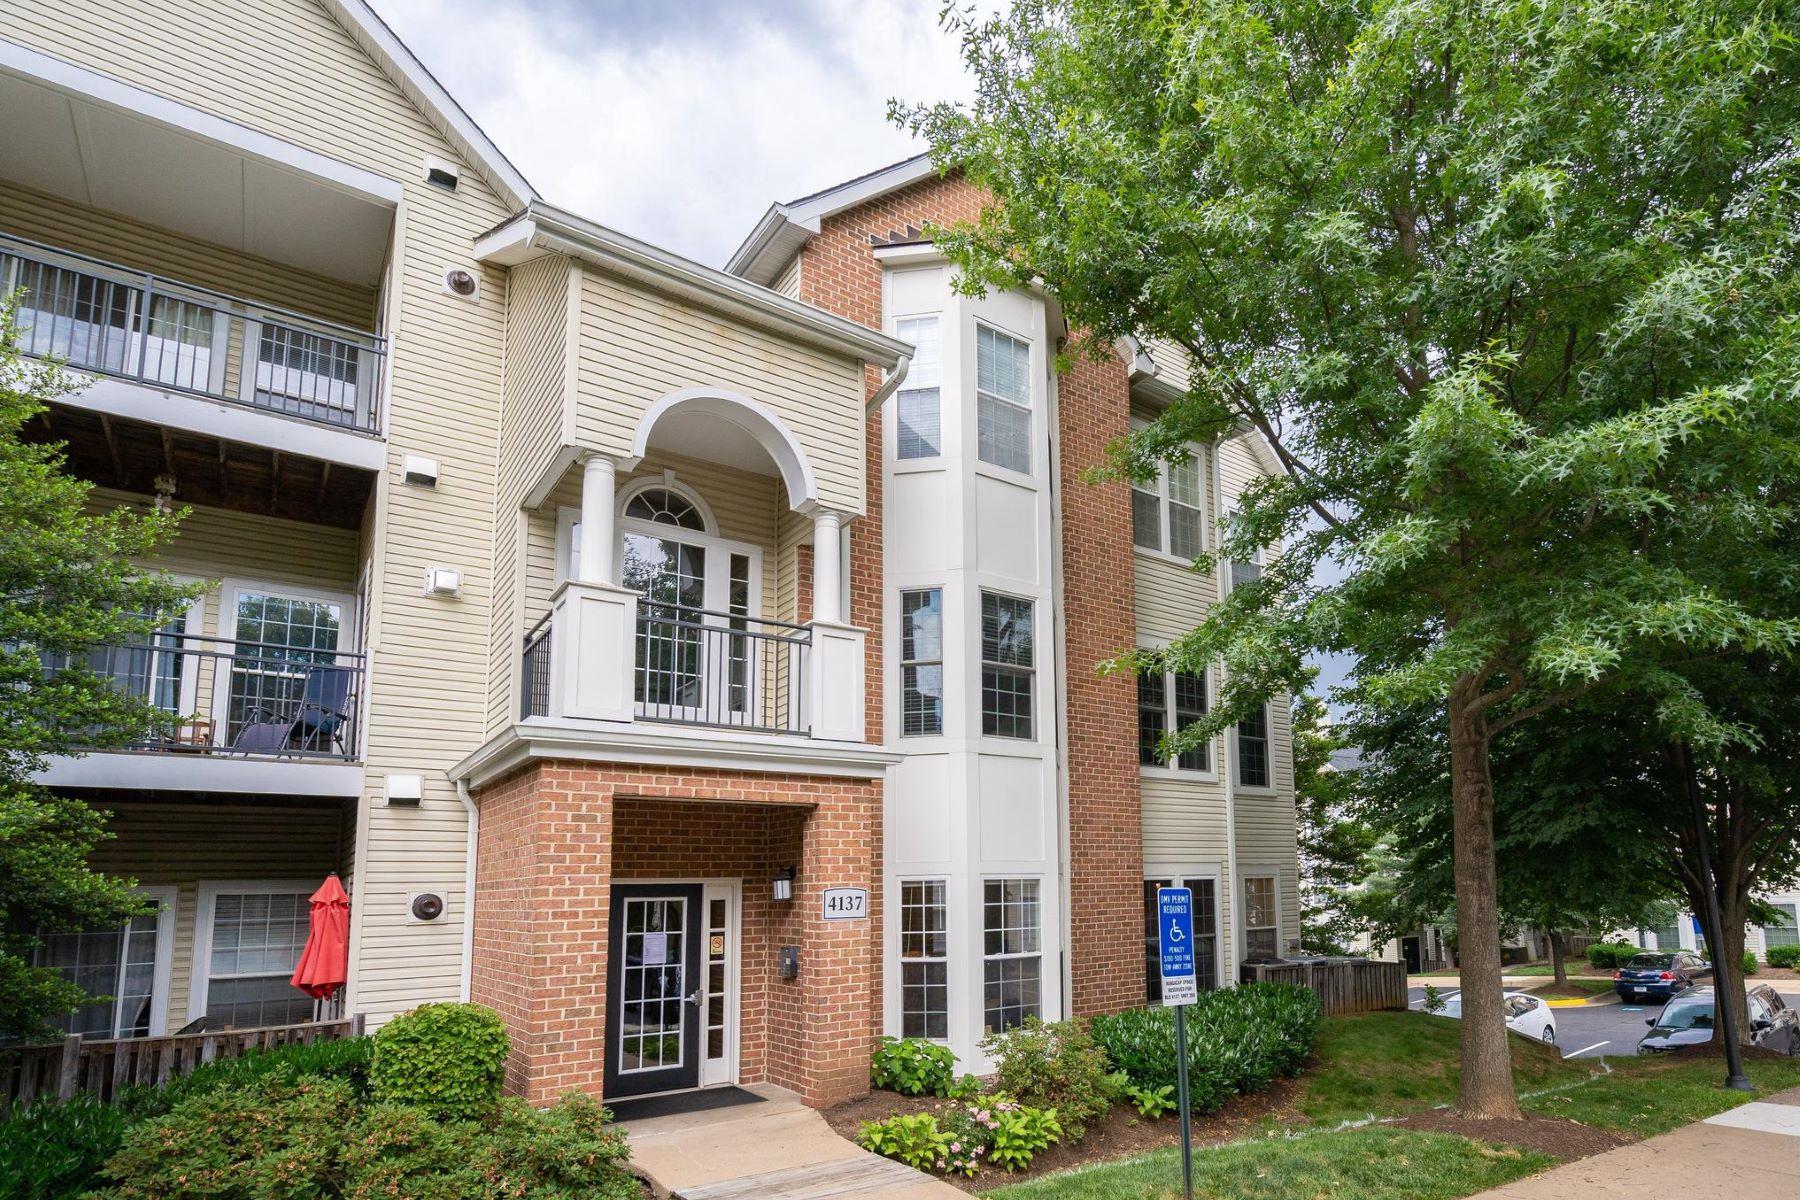 condominiums pour l Vente à 4137 Fountainside Ln #104 Fairfax, Virginia 22030 États-Unis